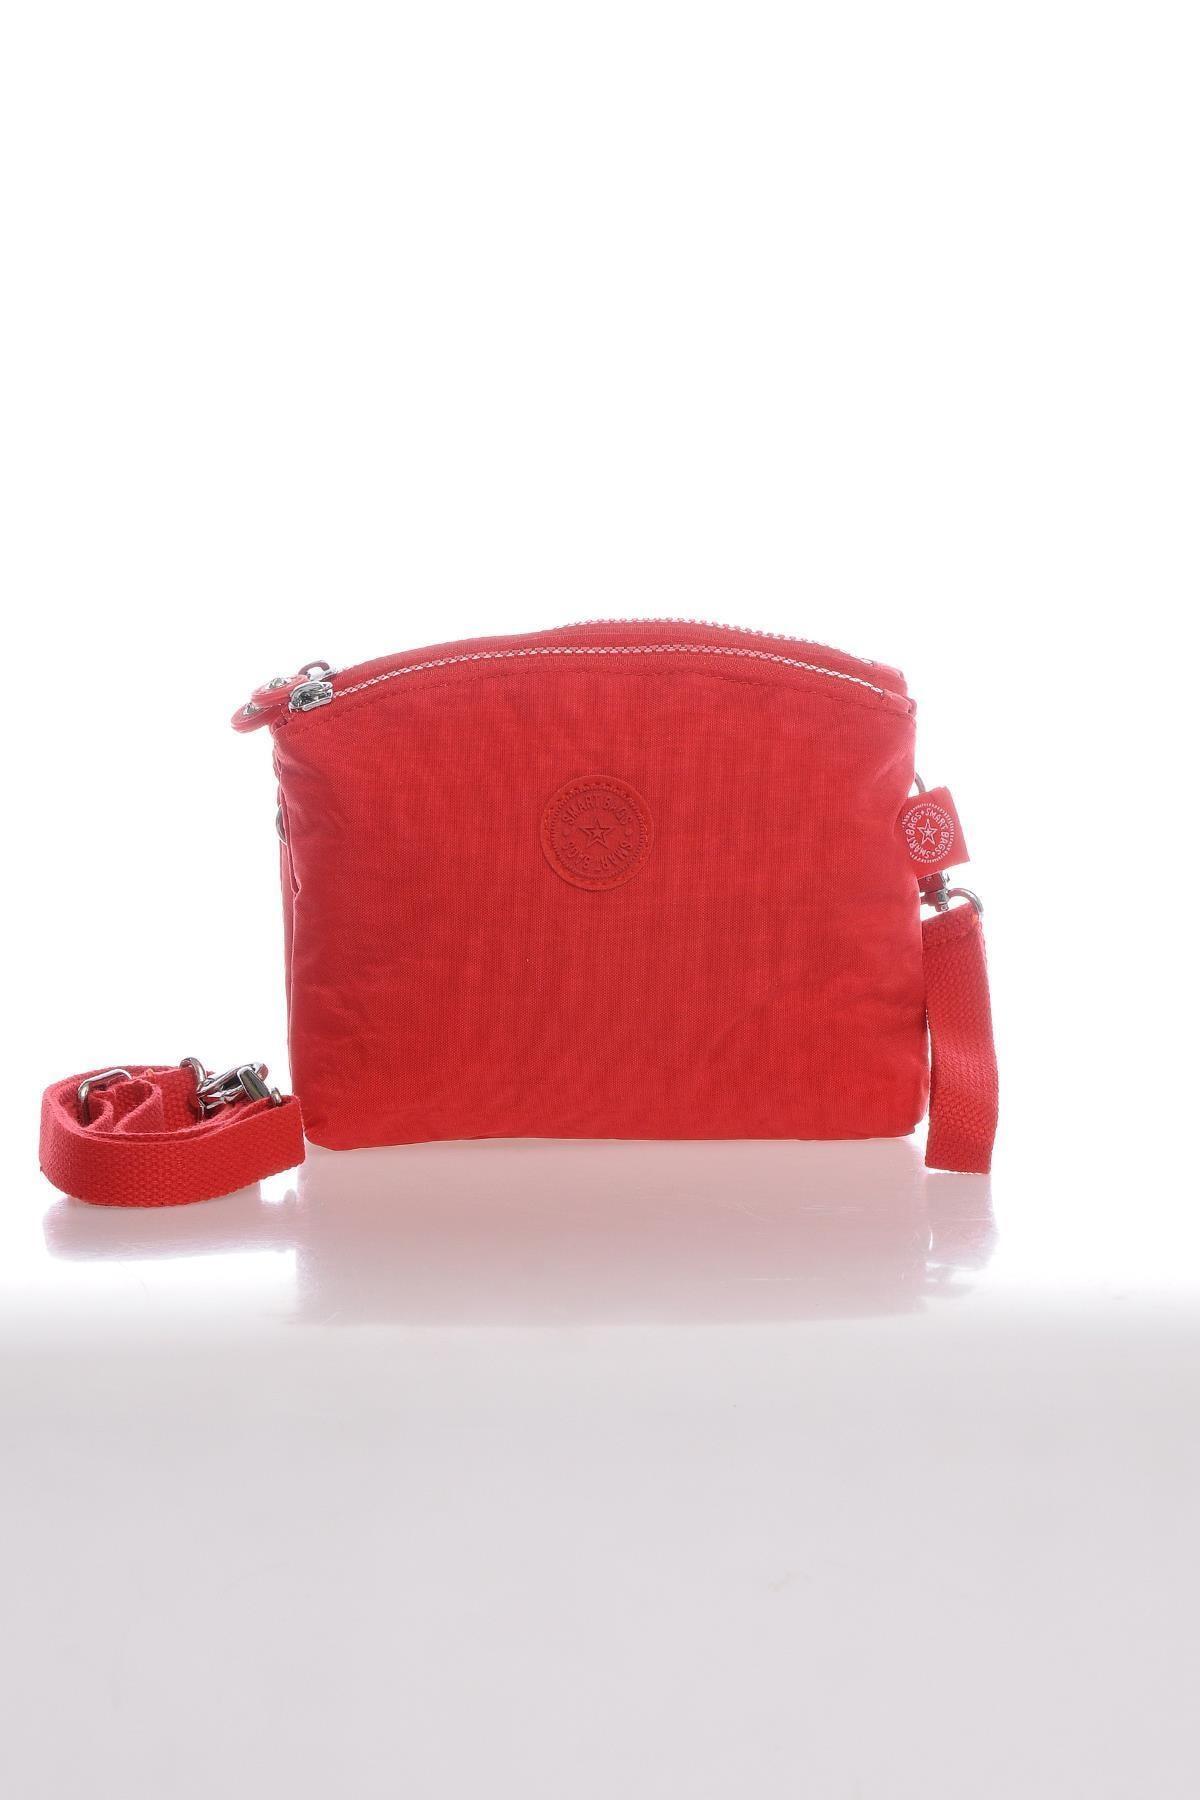 SMART BAGS Smb1111-0019 Kırmızı Kadın Minik Çapraz Çanta 1